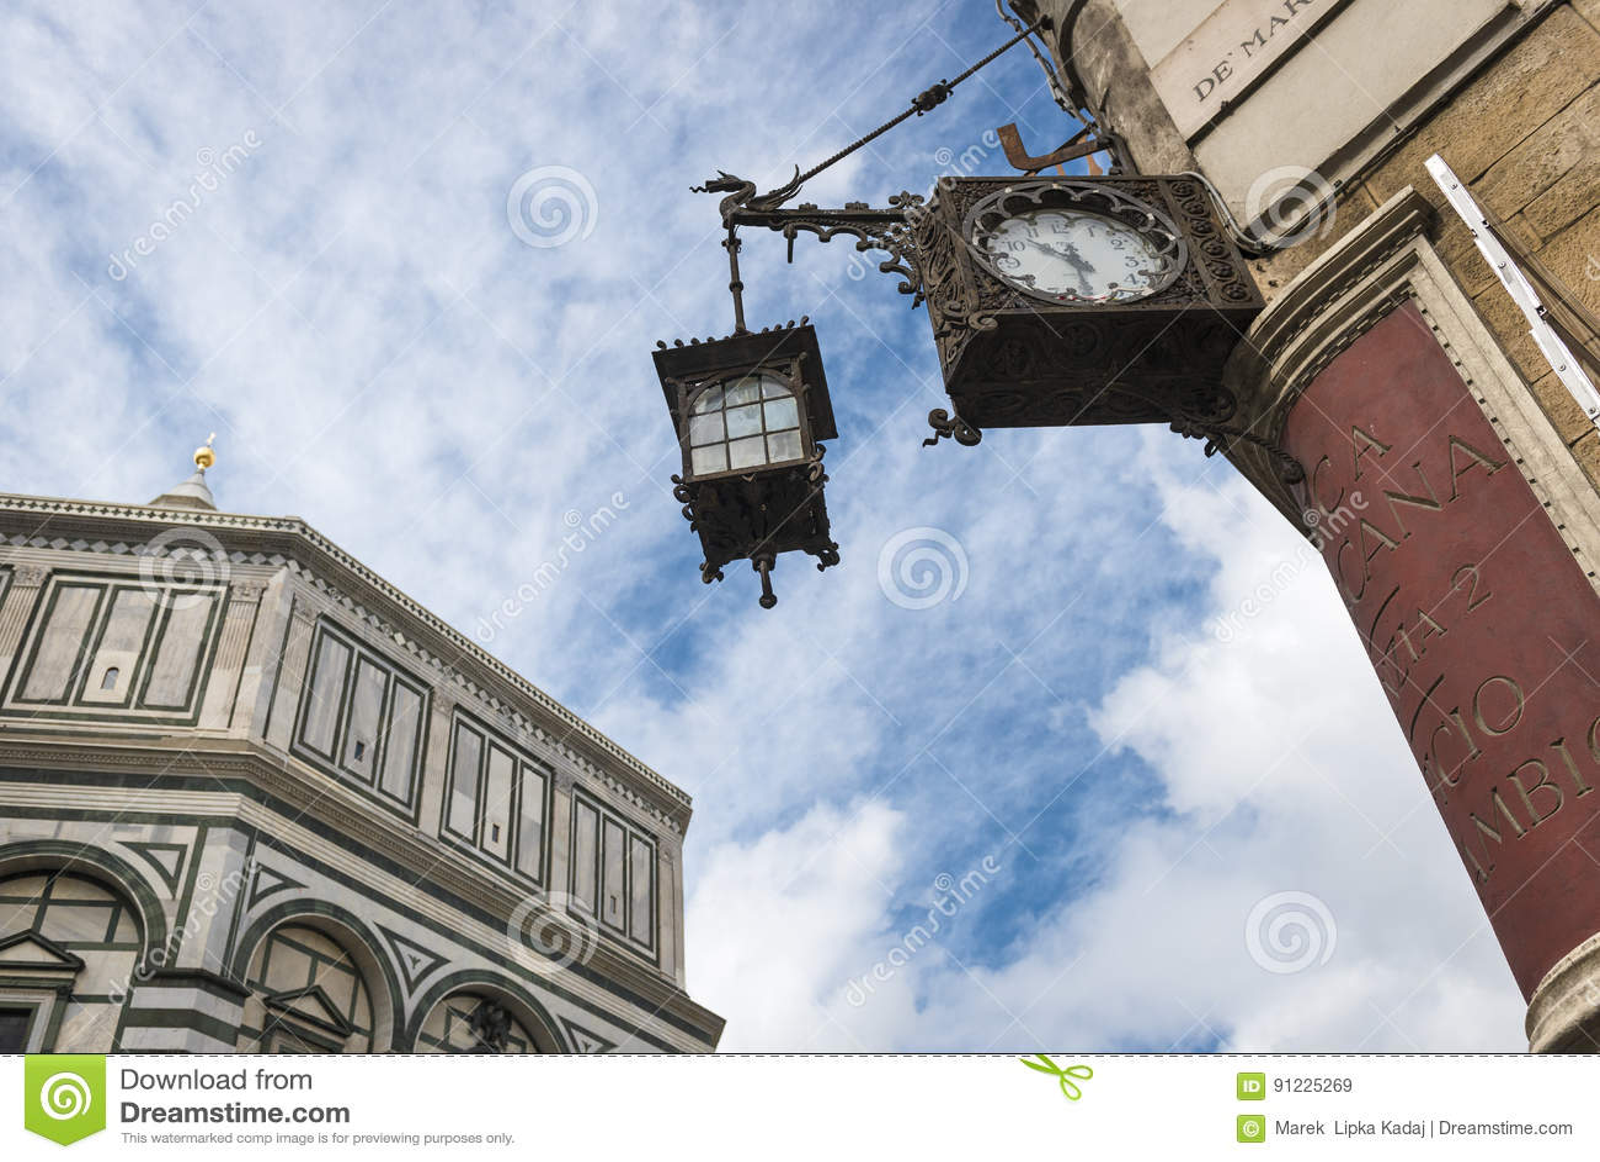 历史和现代建筑元素在佛罗伦萨环境美化